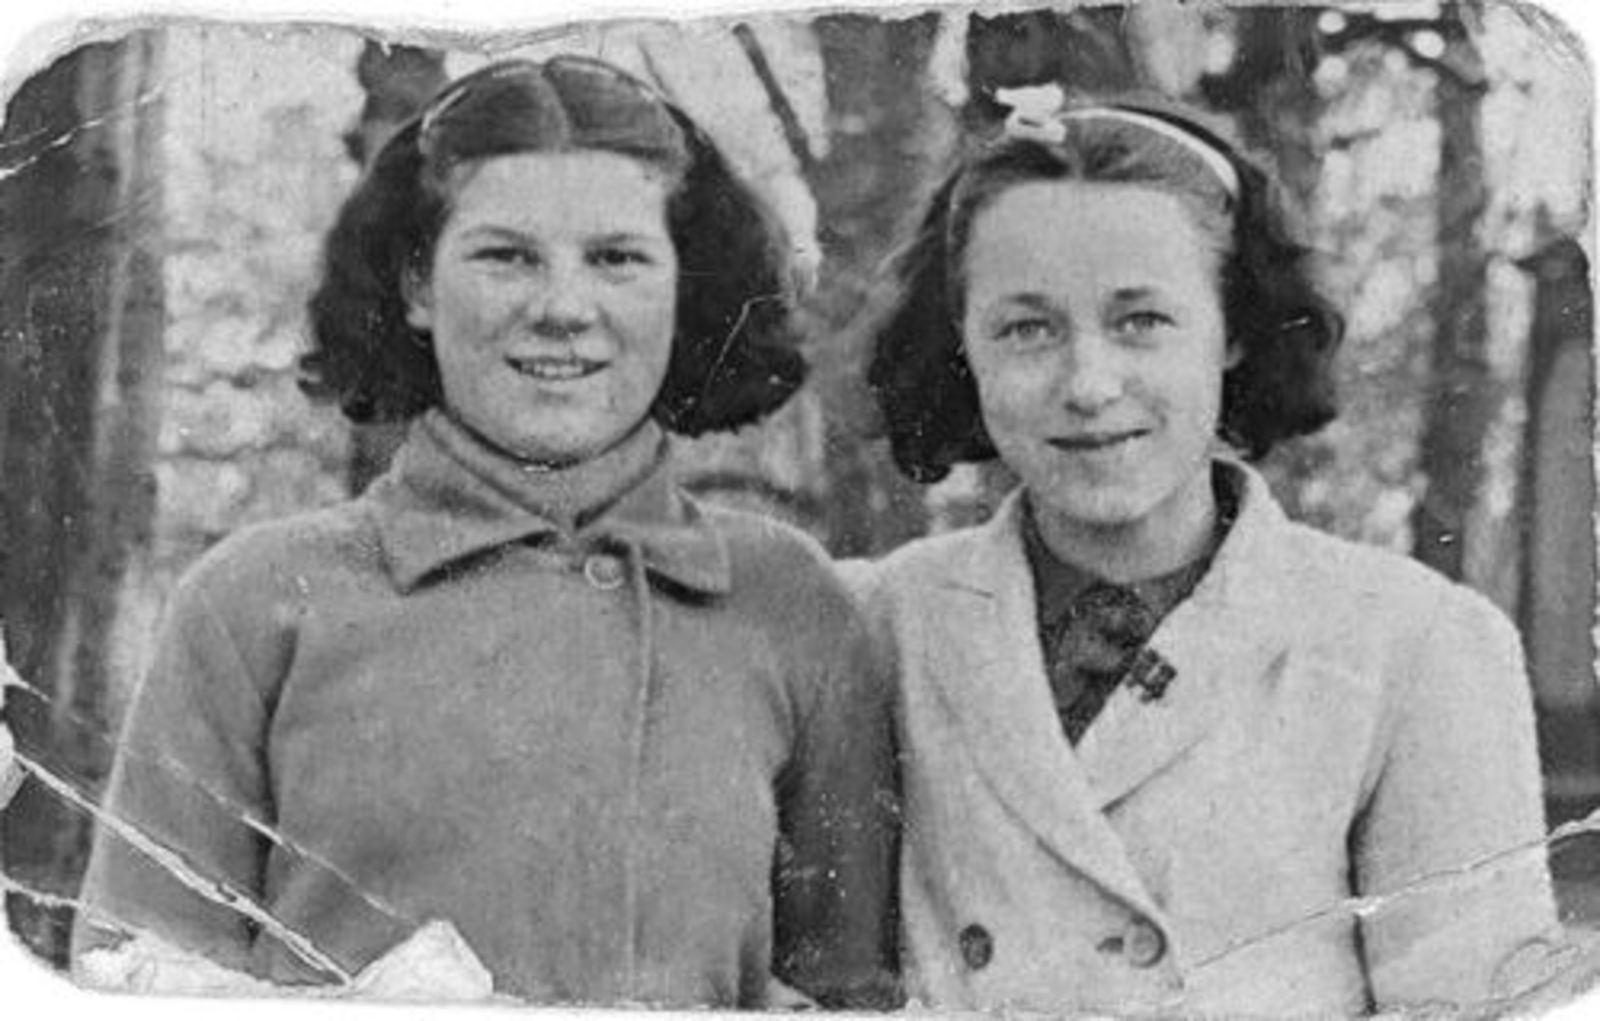 Bliek Jannie 1927 19__ met Onbekend